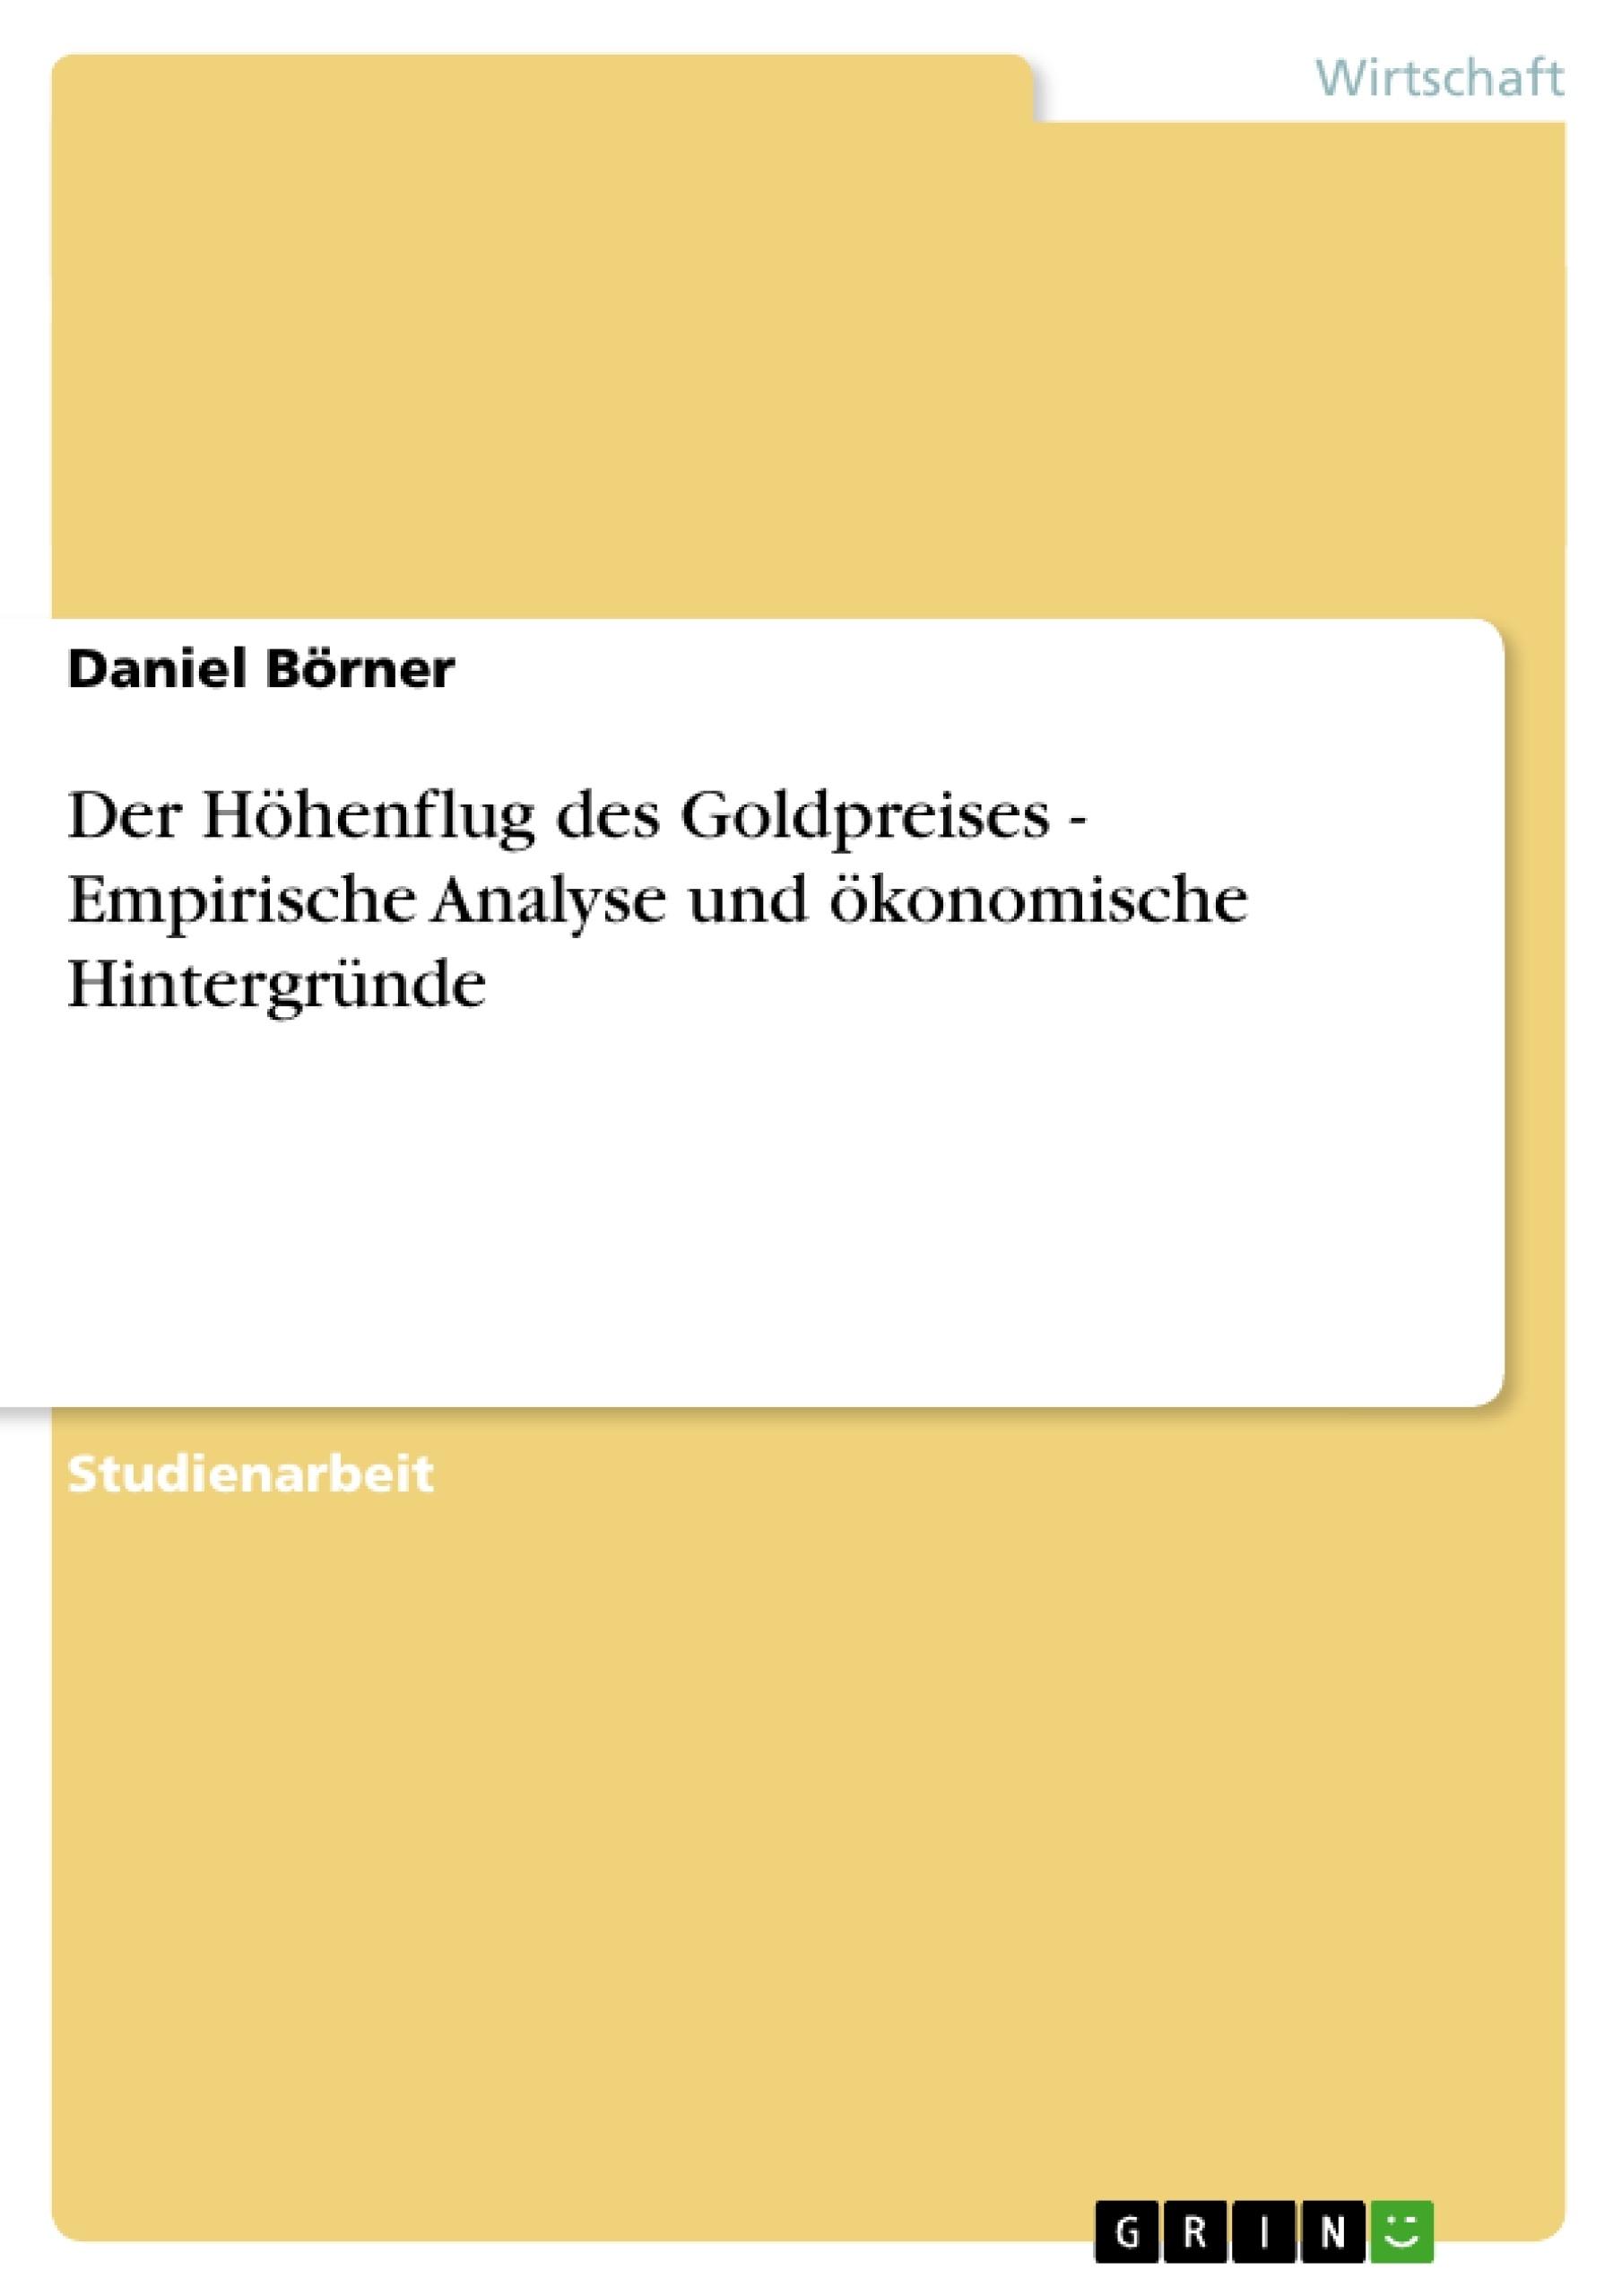 Titel: Der Höhenflug des Goldpreises - Empirische Analyse und ökonomische Hintergründe